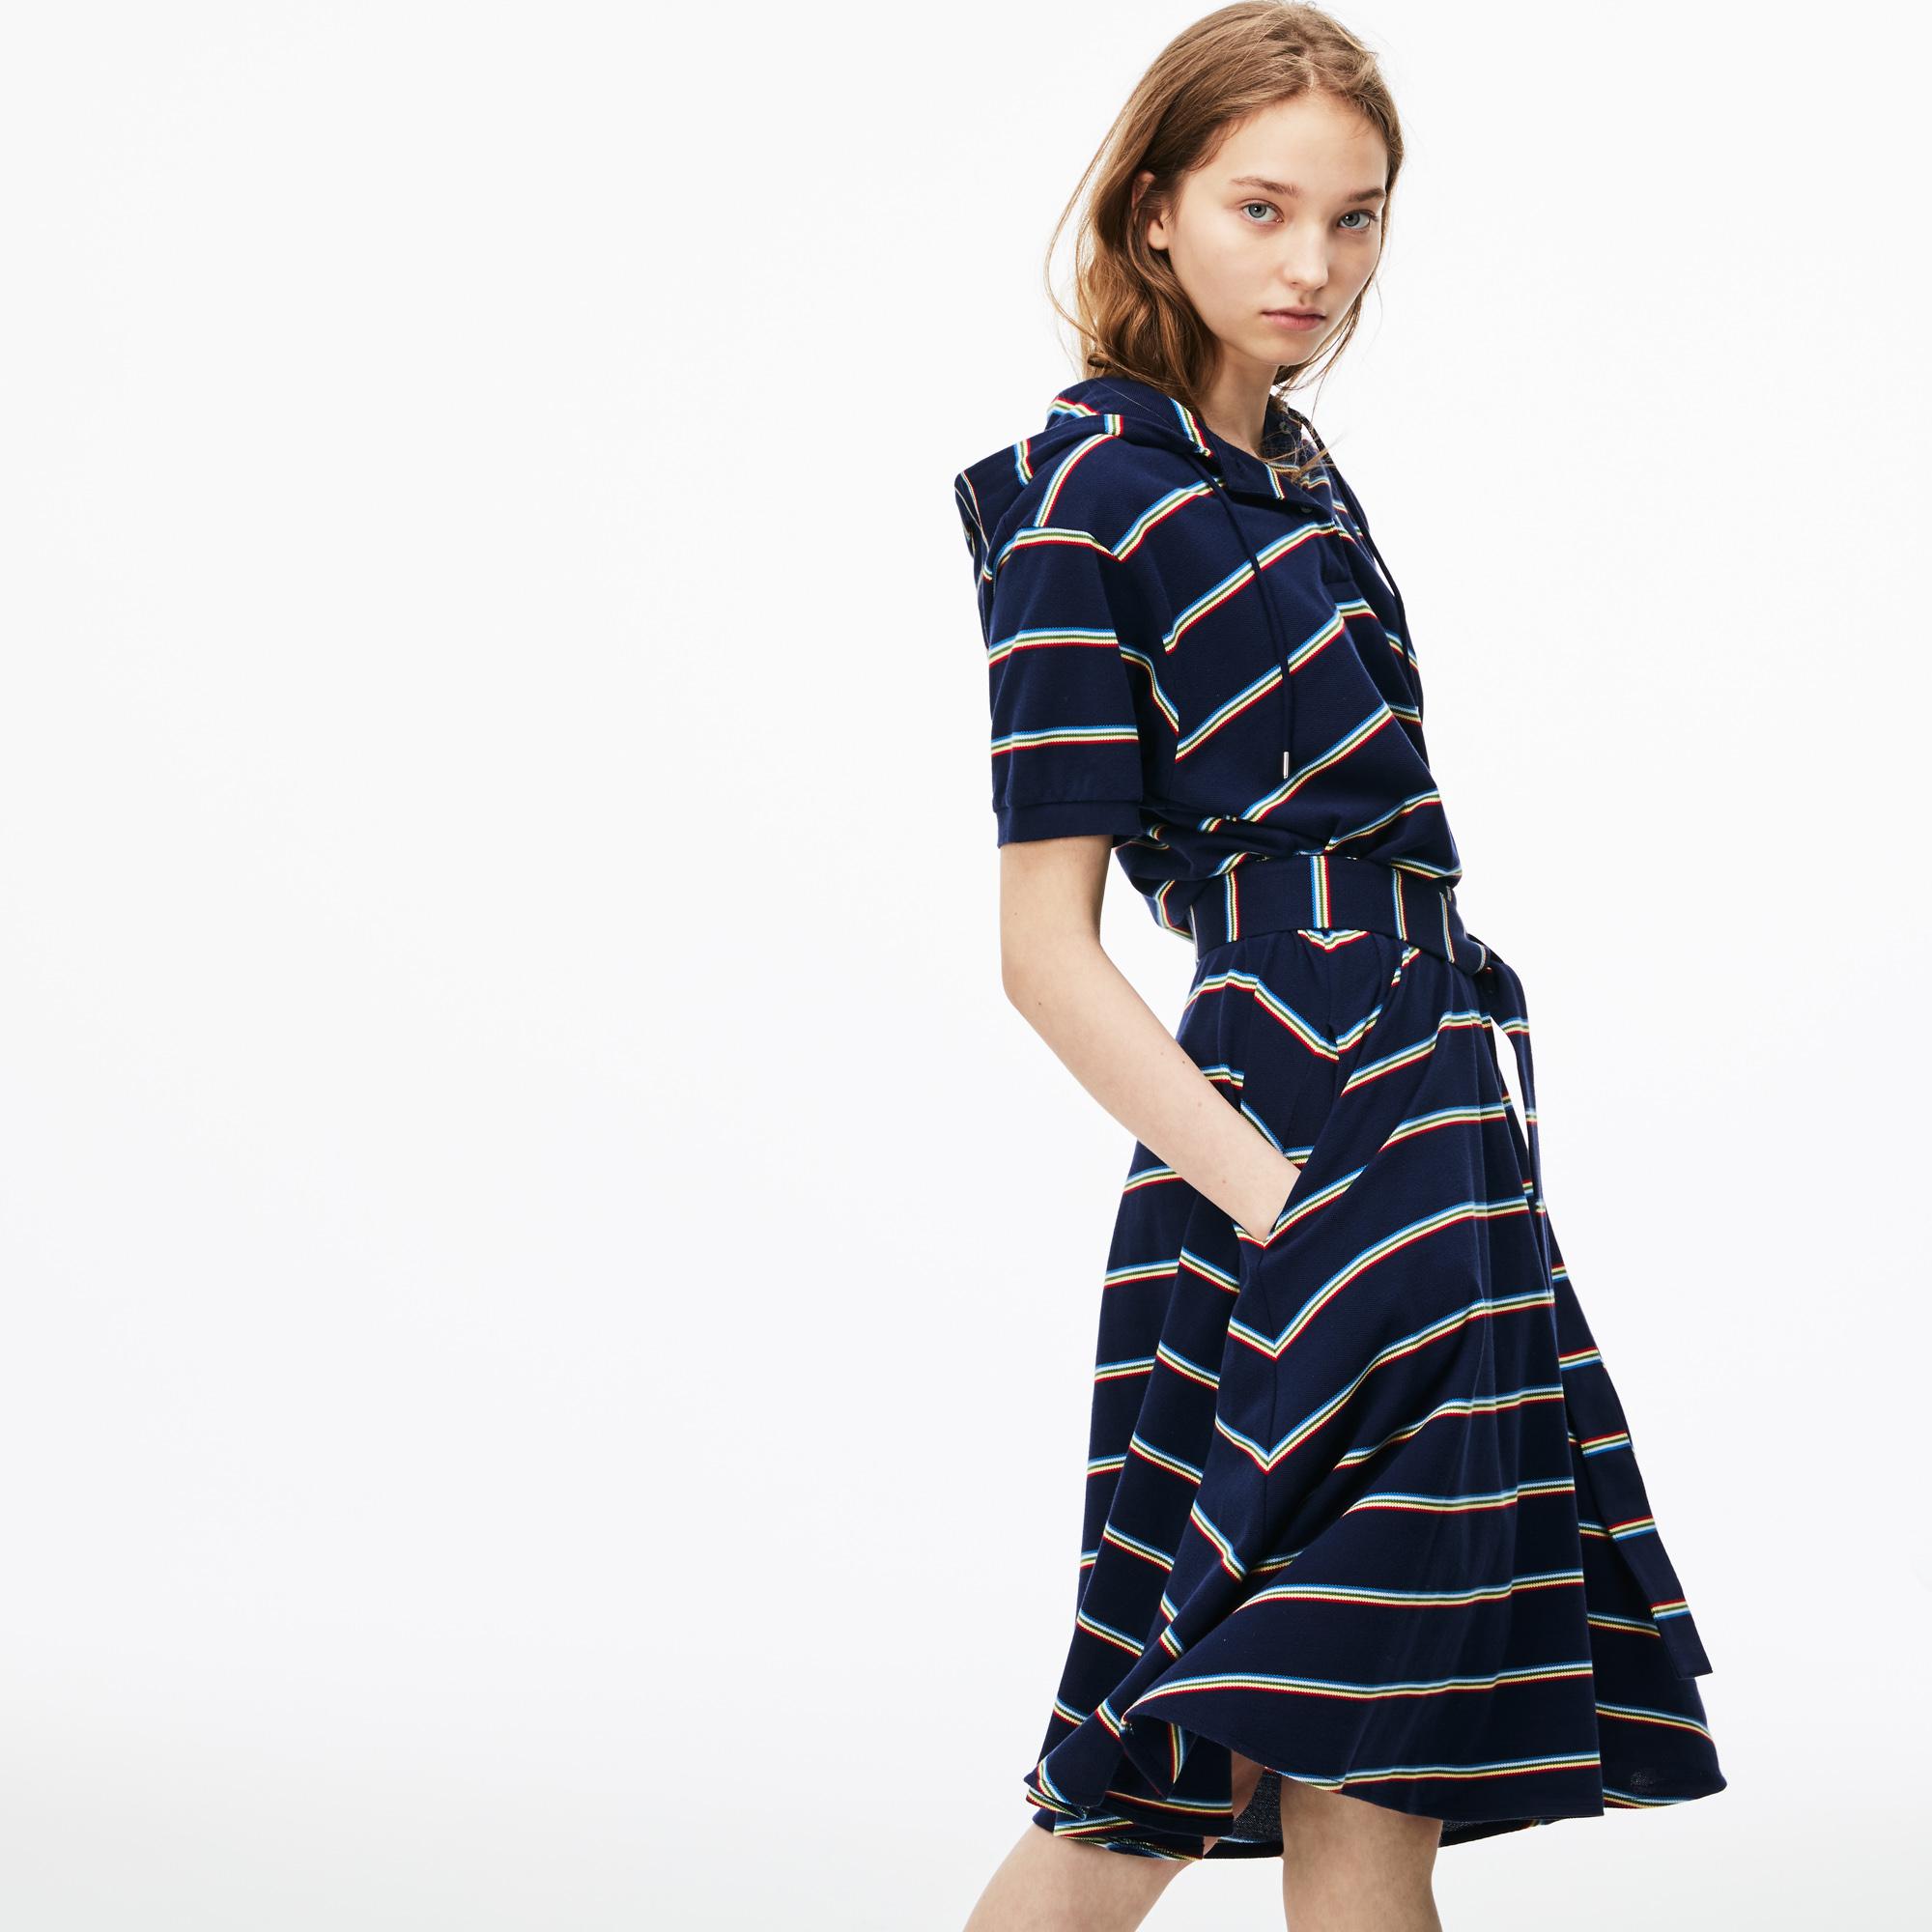 Платье LacosteПлатья и юбки<br>Детали: стильное платье с принтом и капюшоном  \ Материал: 100% хлопок \ Страна производства: Китай